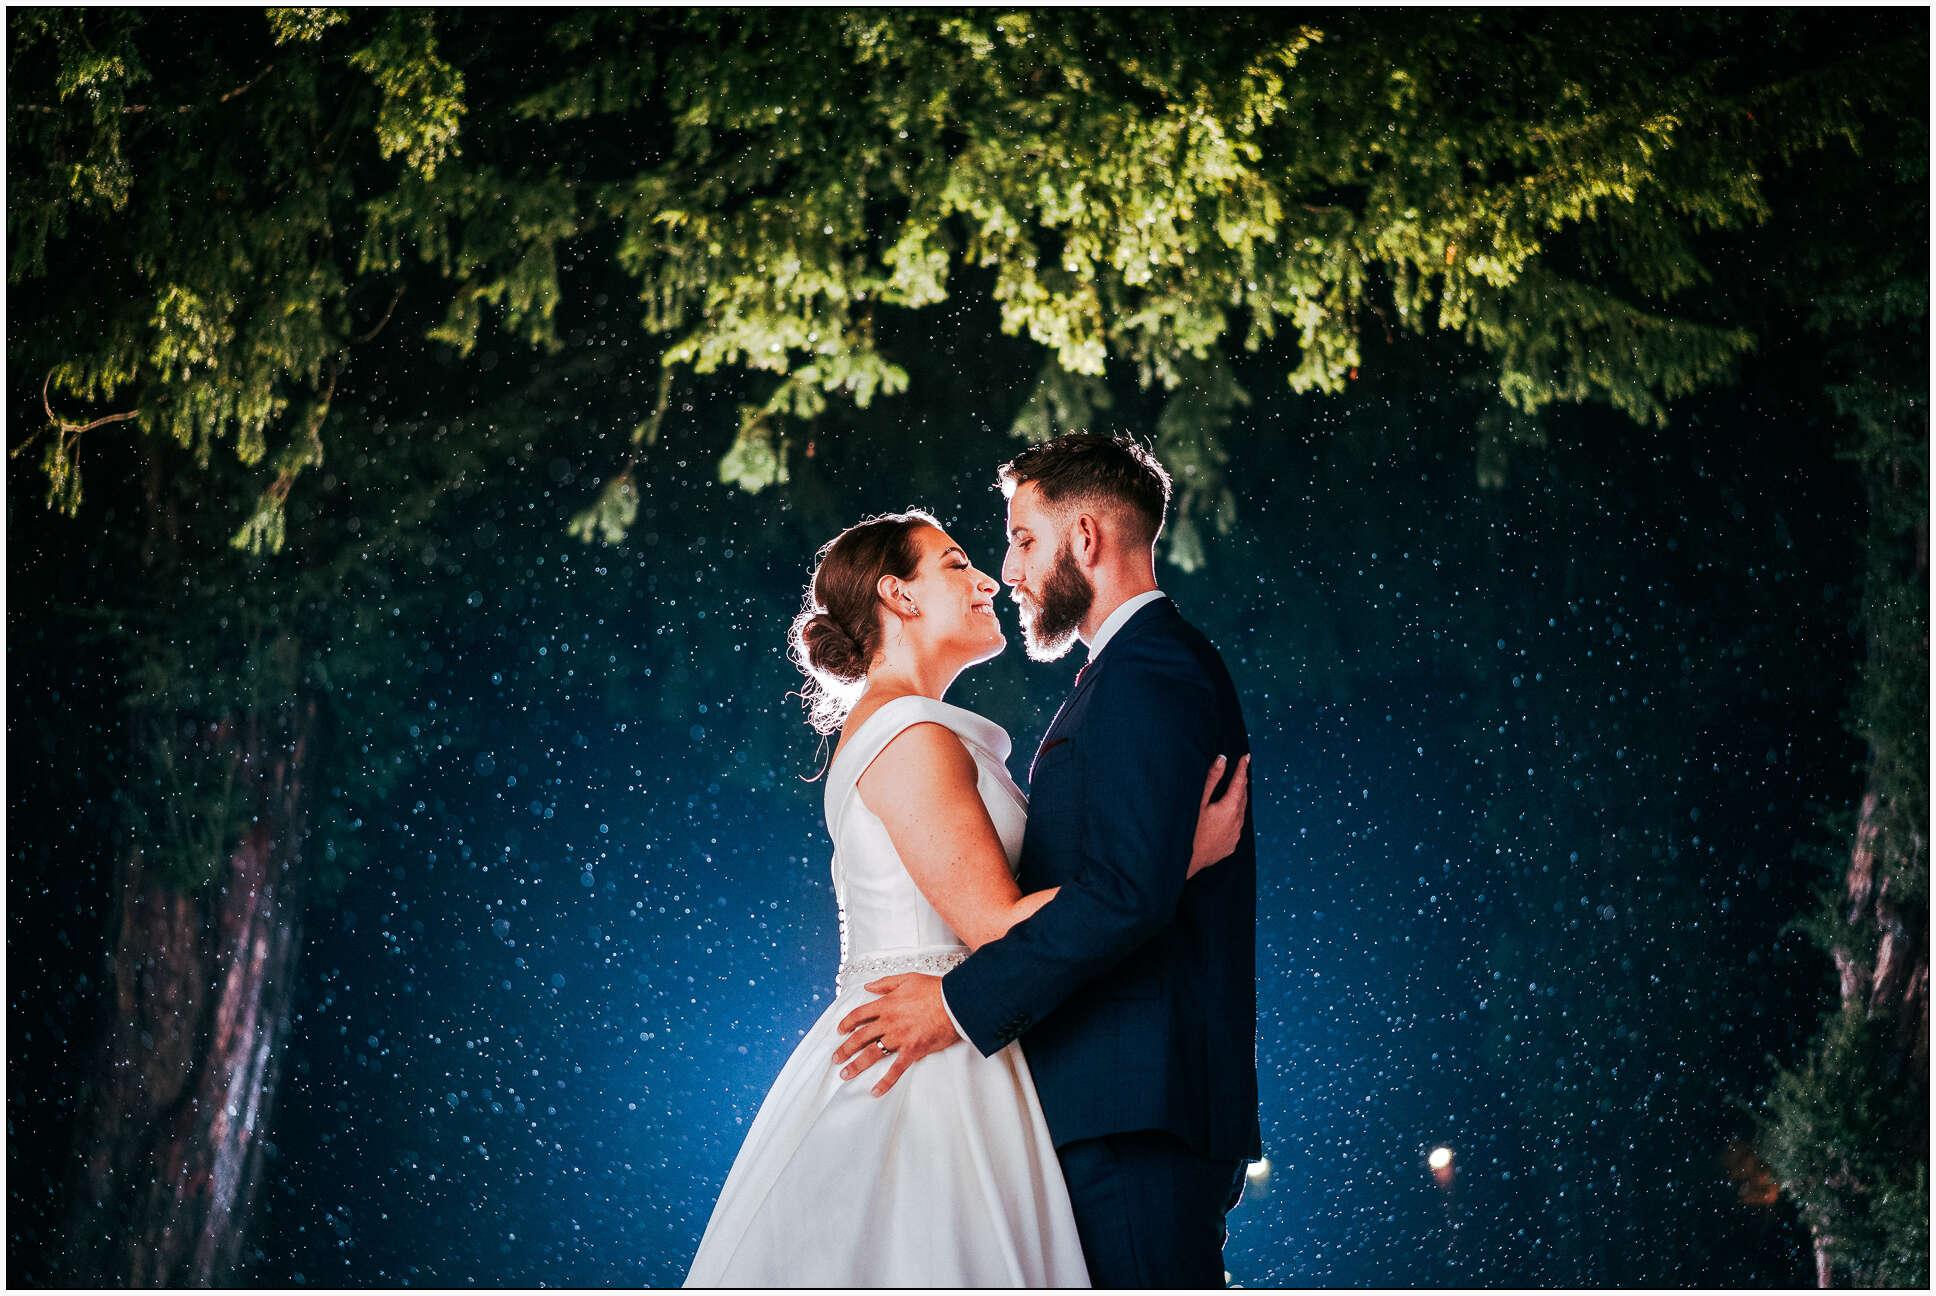 Mitton_Hall_Christmas_Wedding-62.jpg